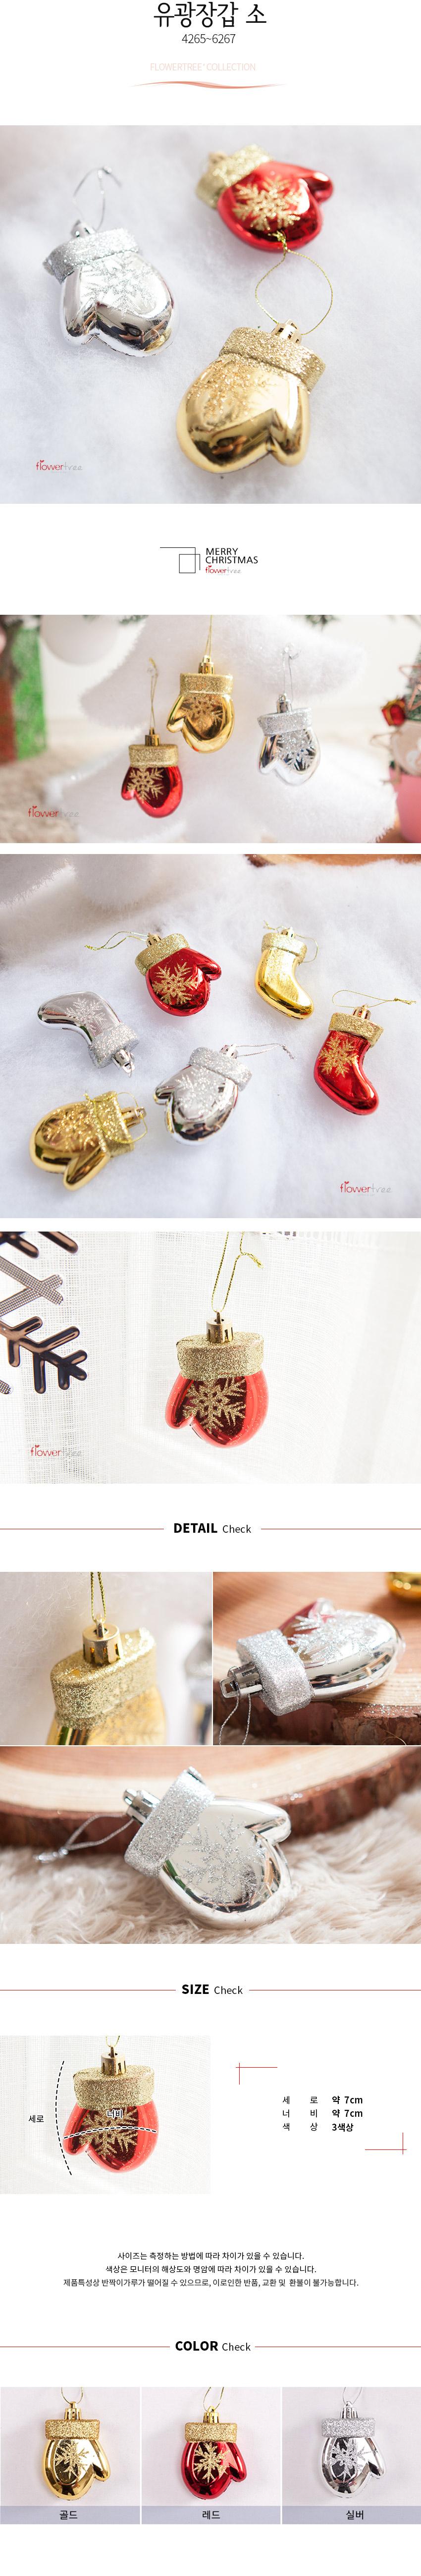 유광장갑 소 [트리] - 플라워트리, 800원, 장식품, 크리스마스소품